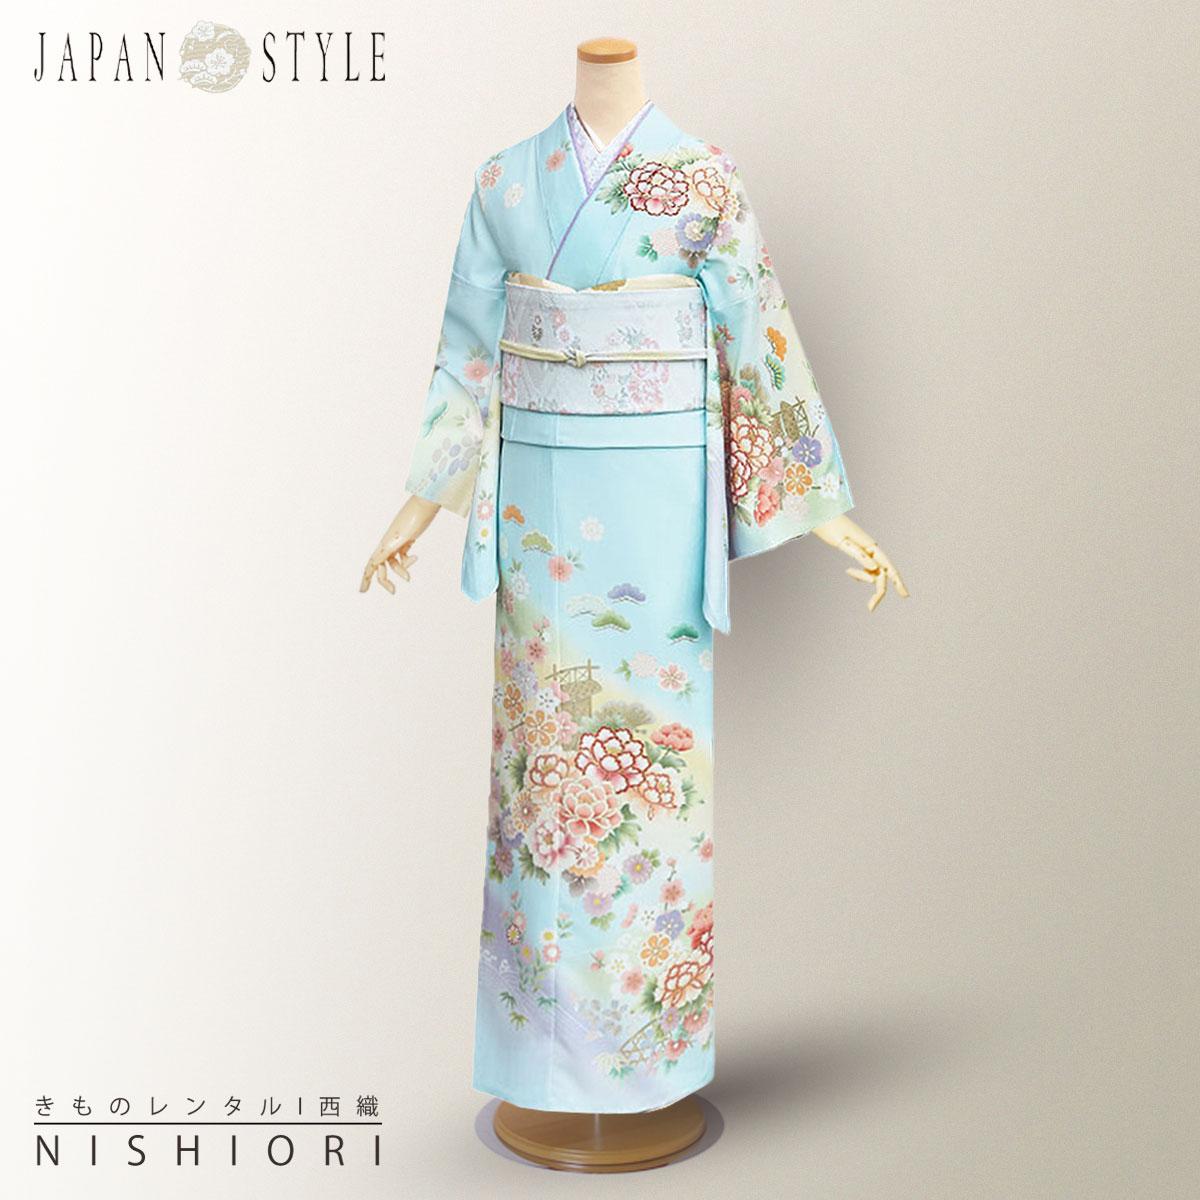 【スーパーSALE】レンタル 訪問着 フルセット JAPAN STYLE ブランド【入学式 卒業式 七五三 結婚式 お宮参り 貸衣装】【フリーサイズ】【往復送料無料】水色 青 牡丹 松